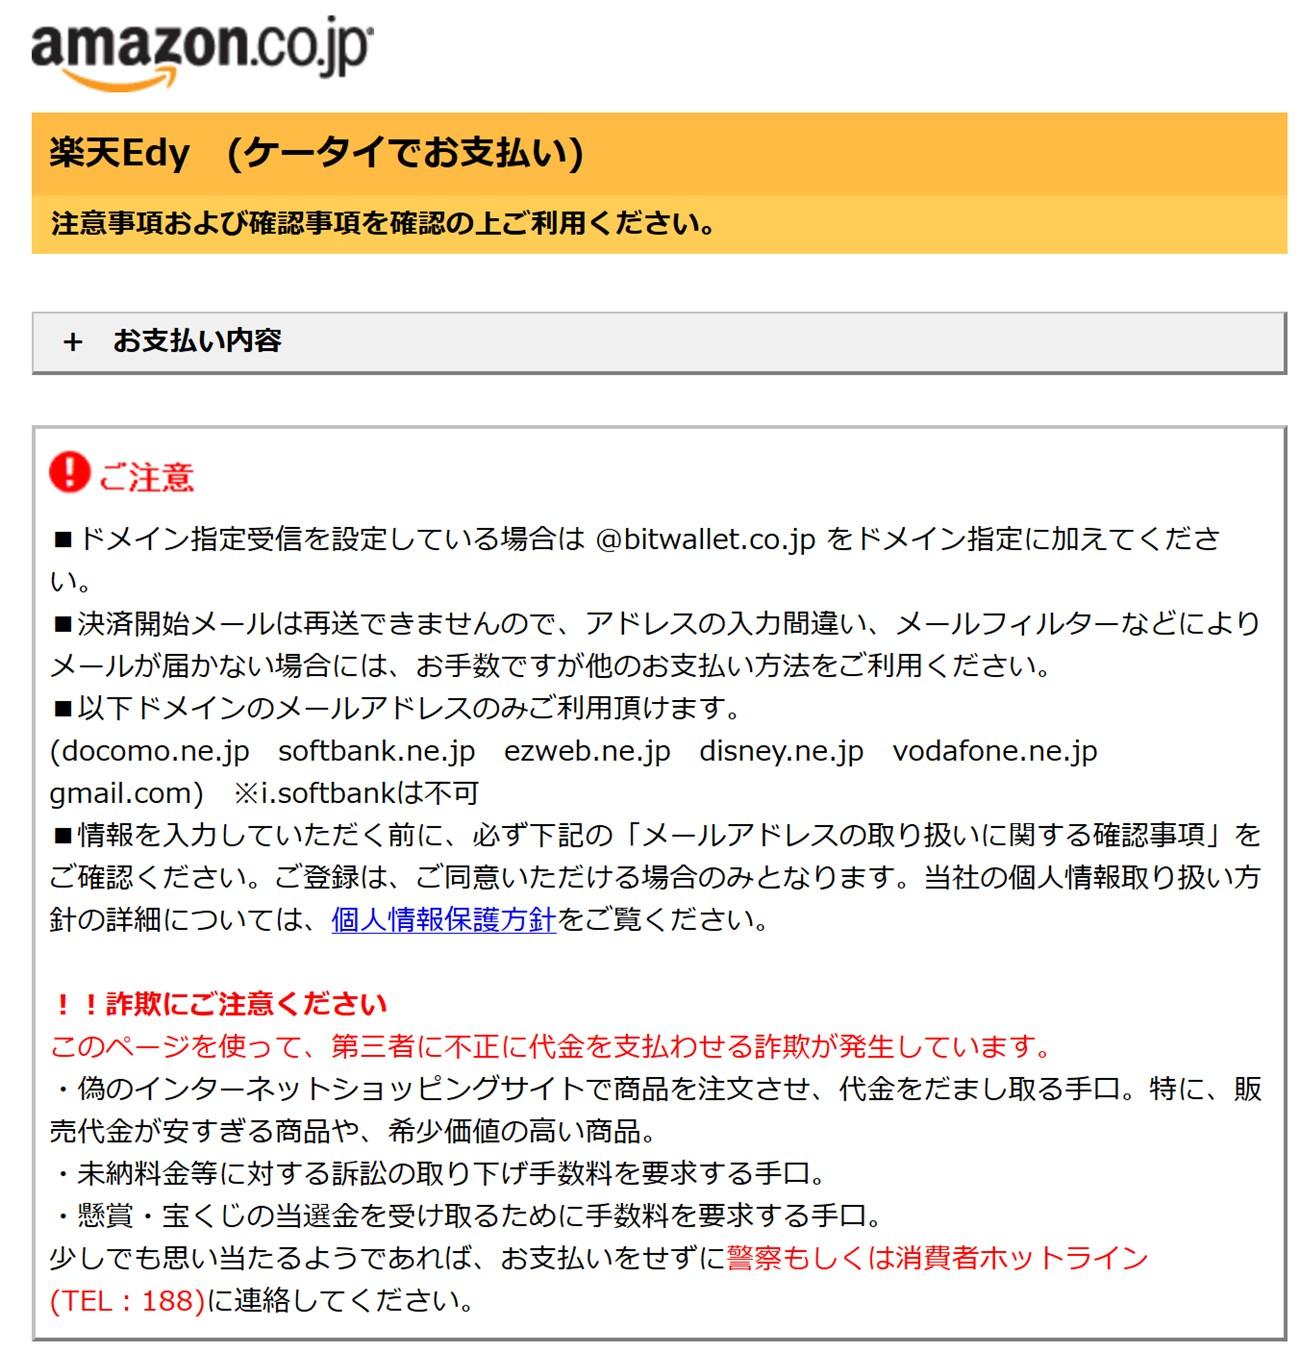 Amazonギフト券の楽天Edy(ケータイでのお支払い)